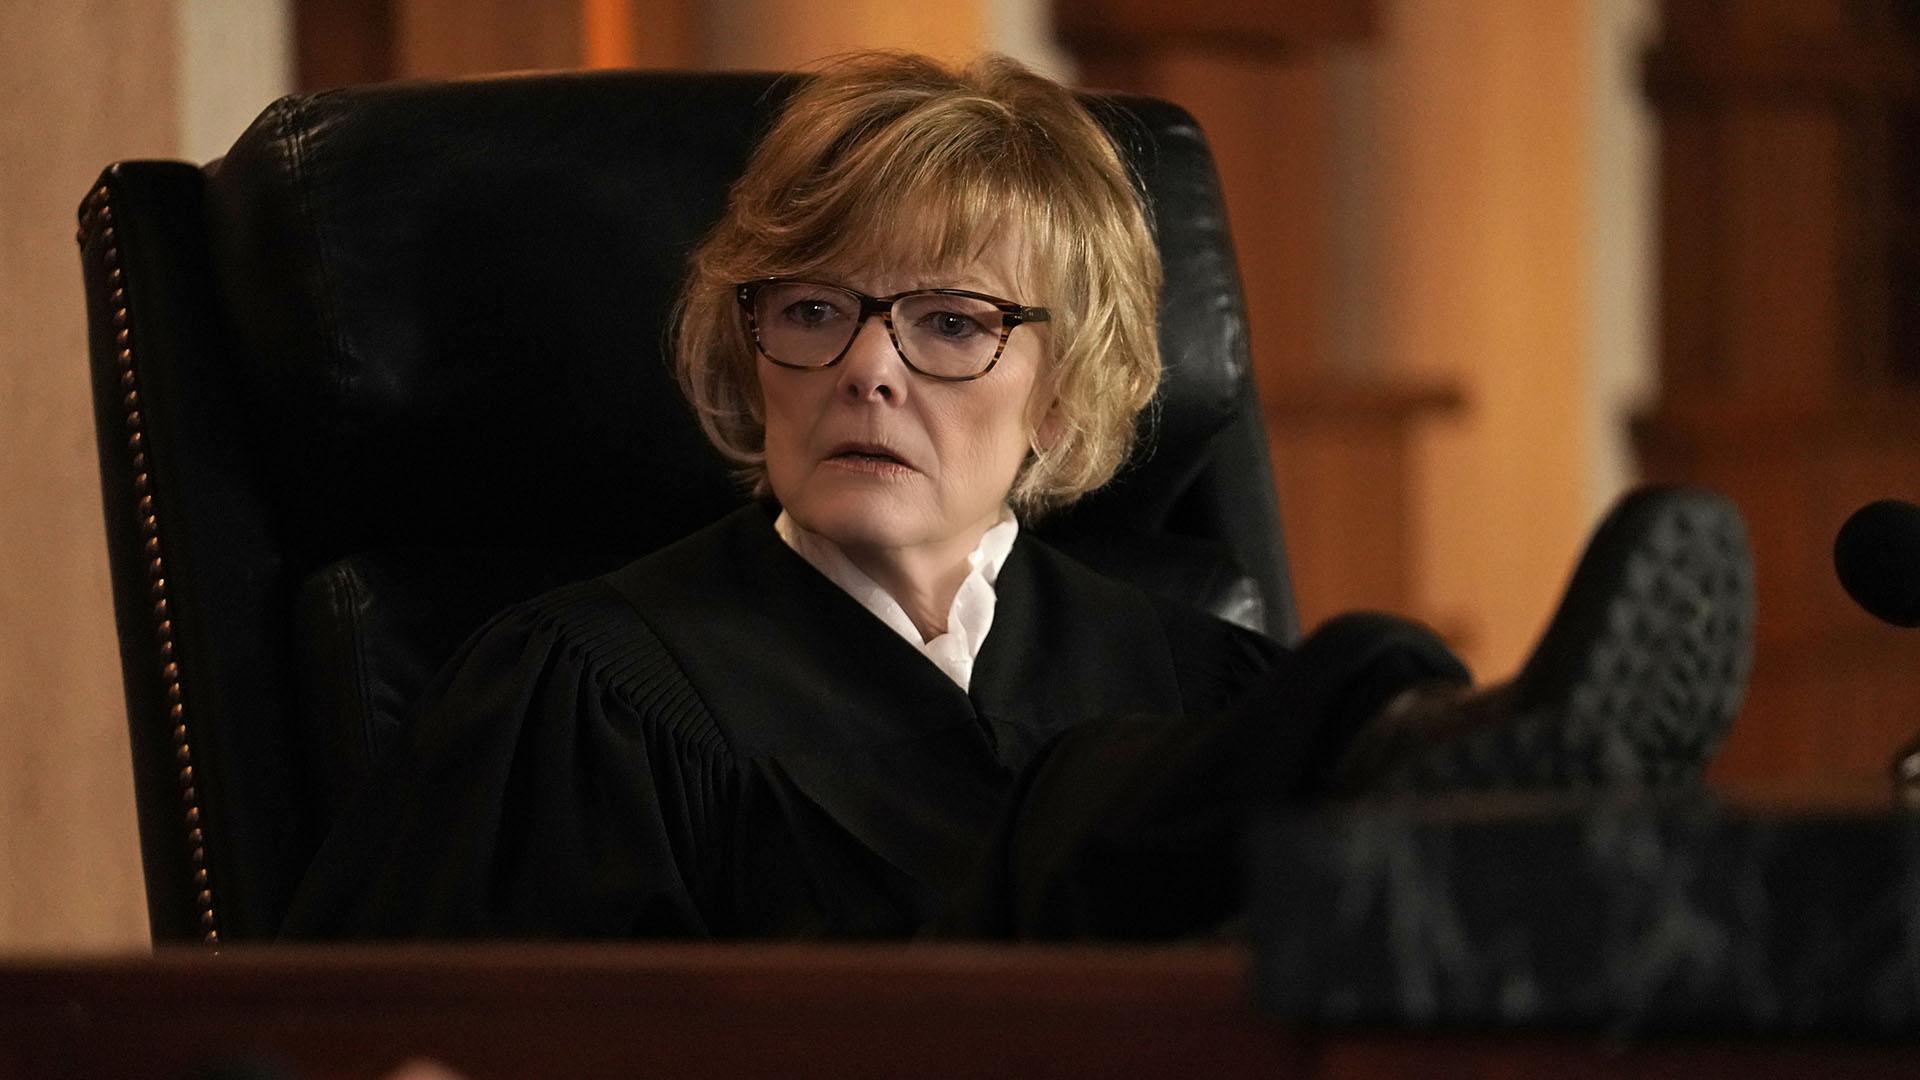 Jane Curtin as Judge Pamela Farley